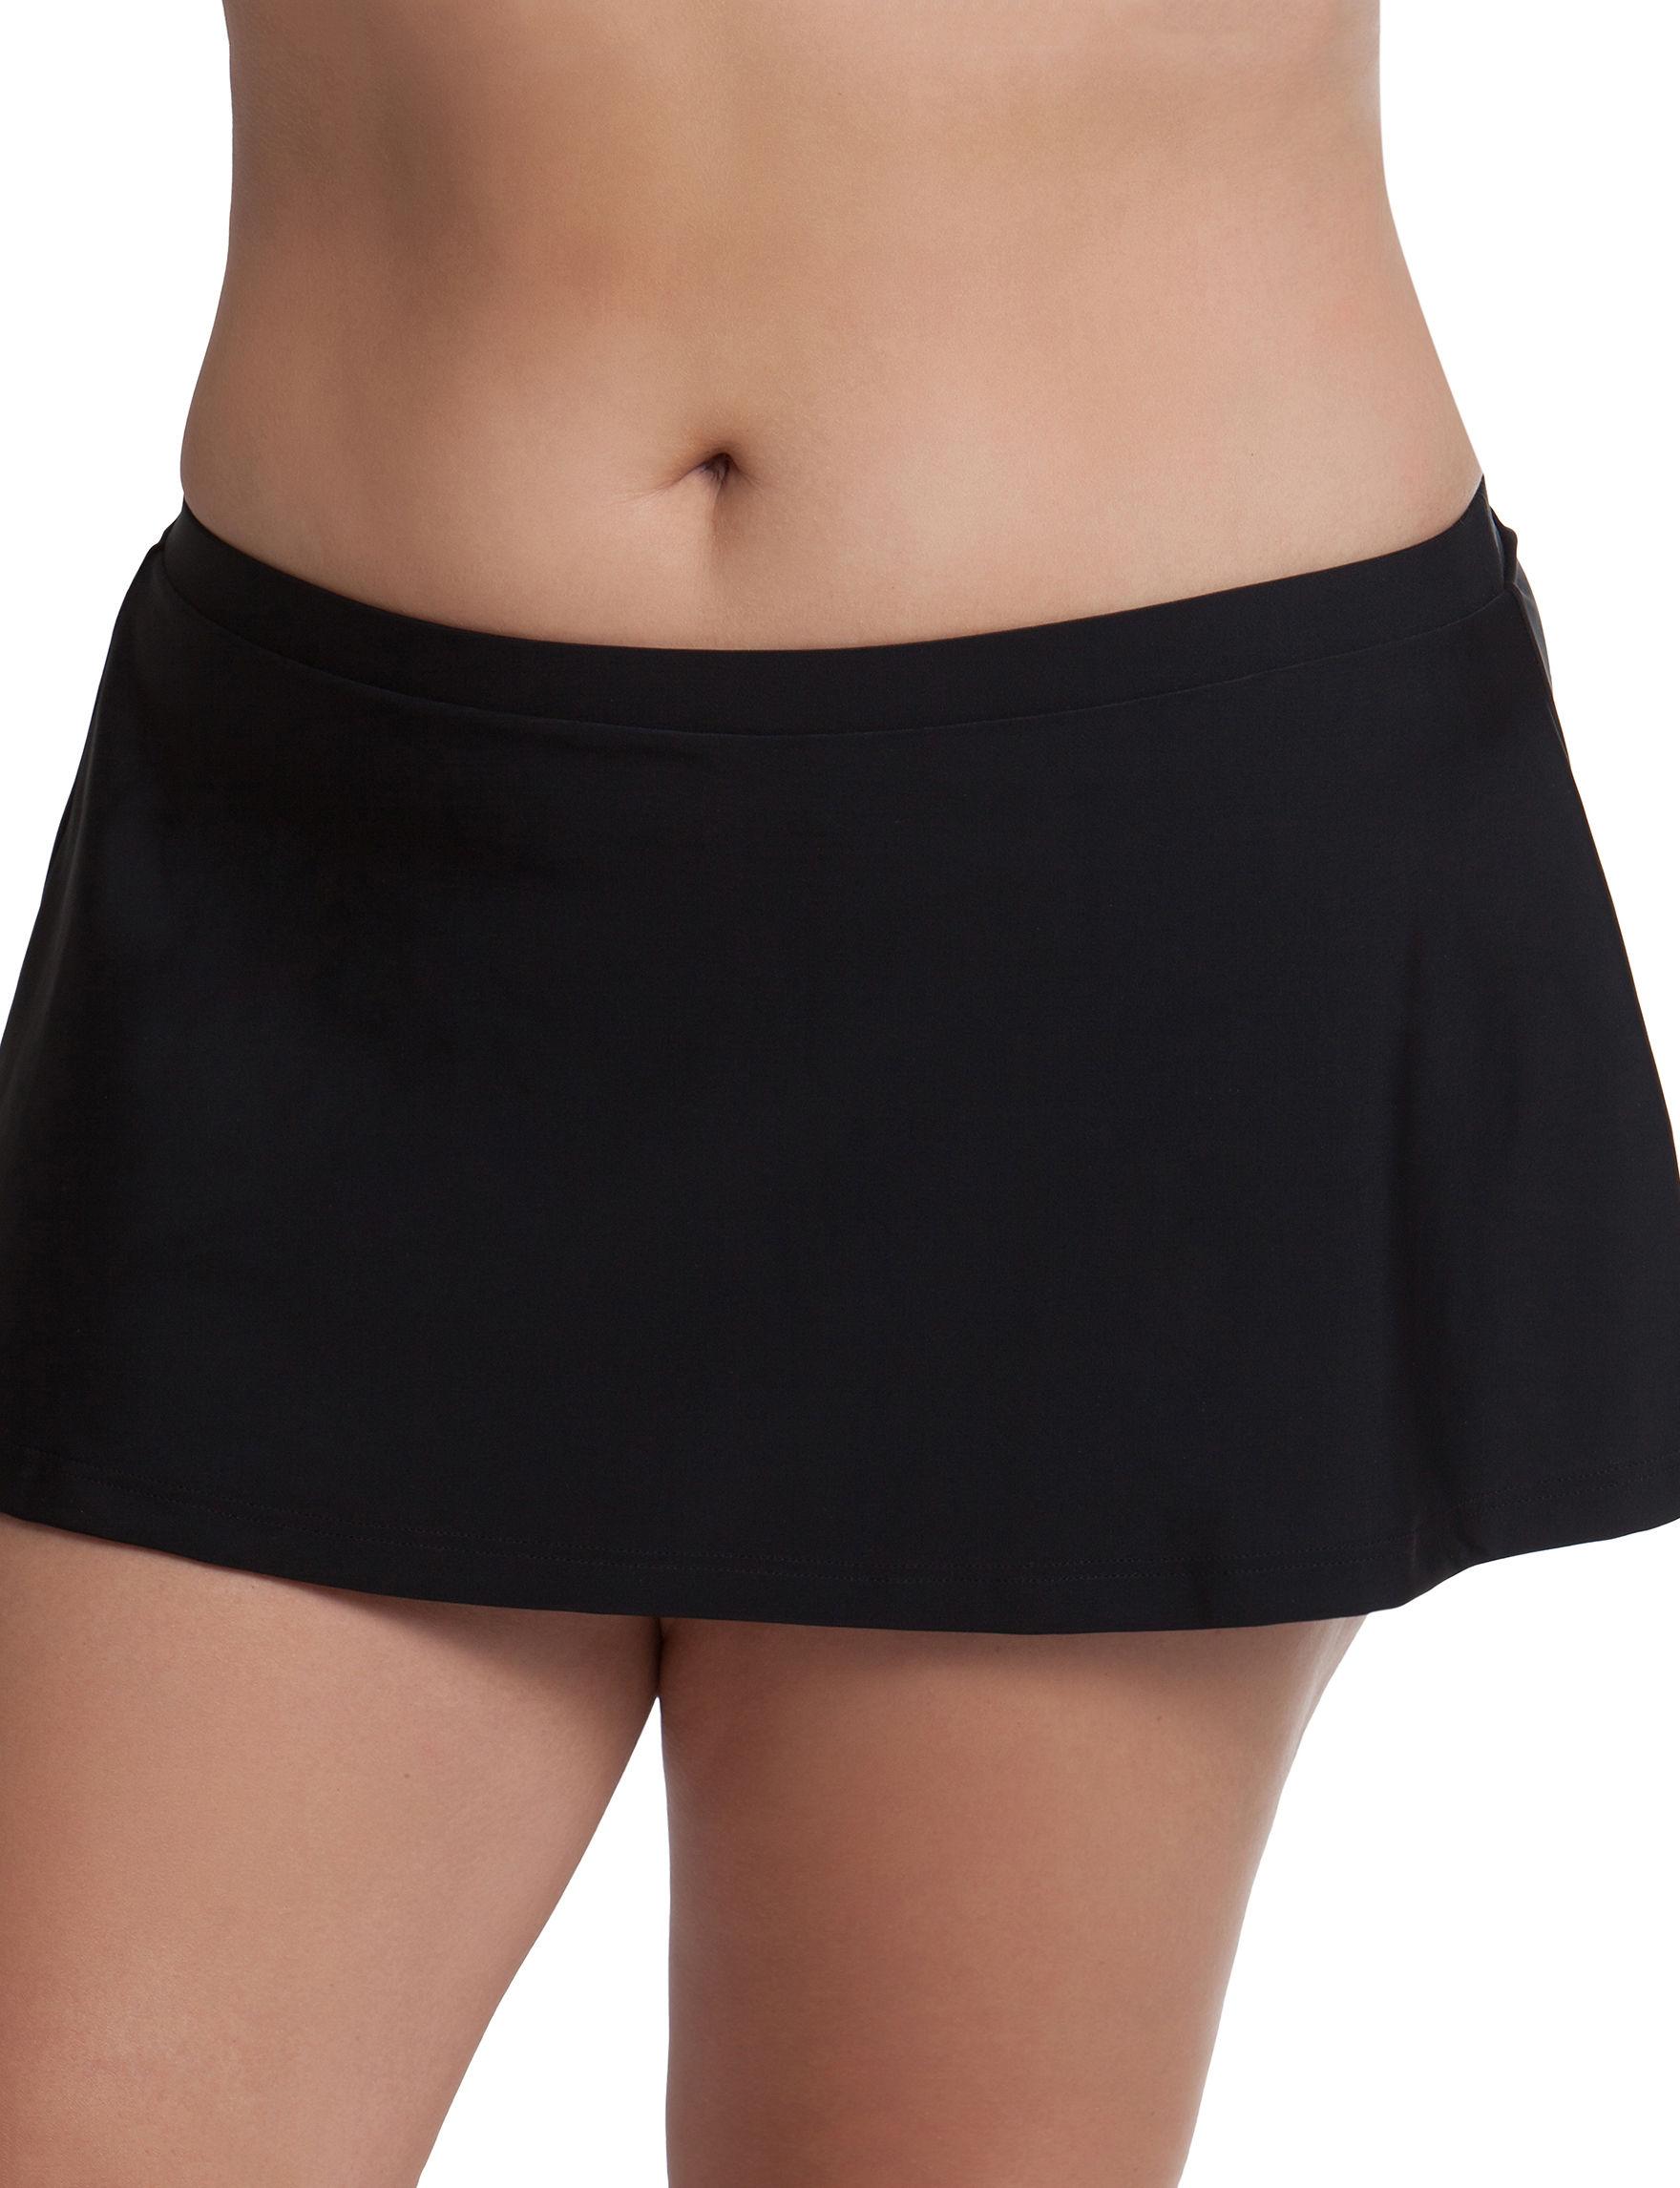 Malibu Black Swimsuit Bottoms